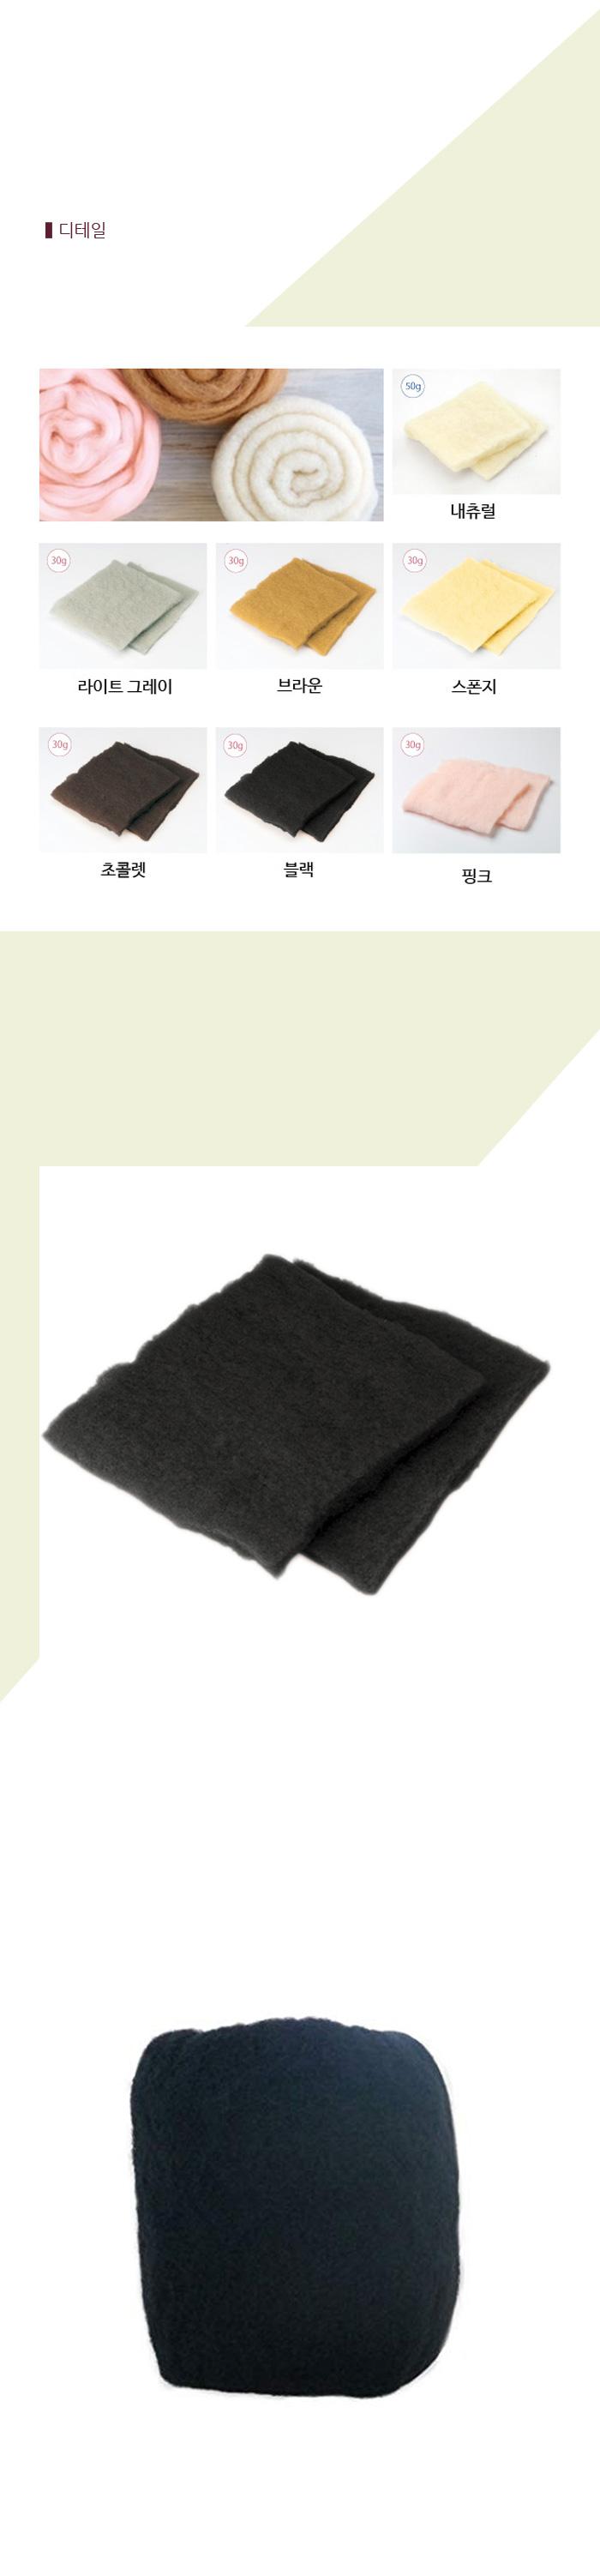 하마나카 니들 와타와타 블랙 30g - 오후4시, 11,500원, 펠트공예, 펠트 양모